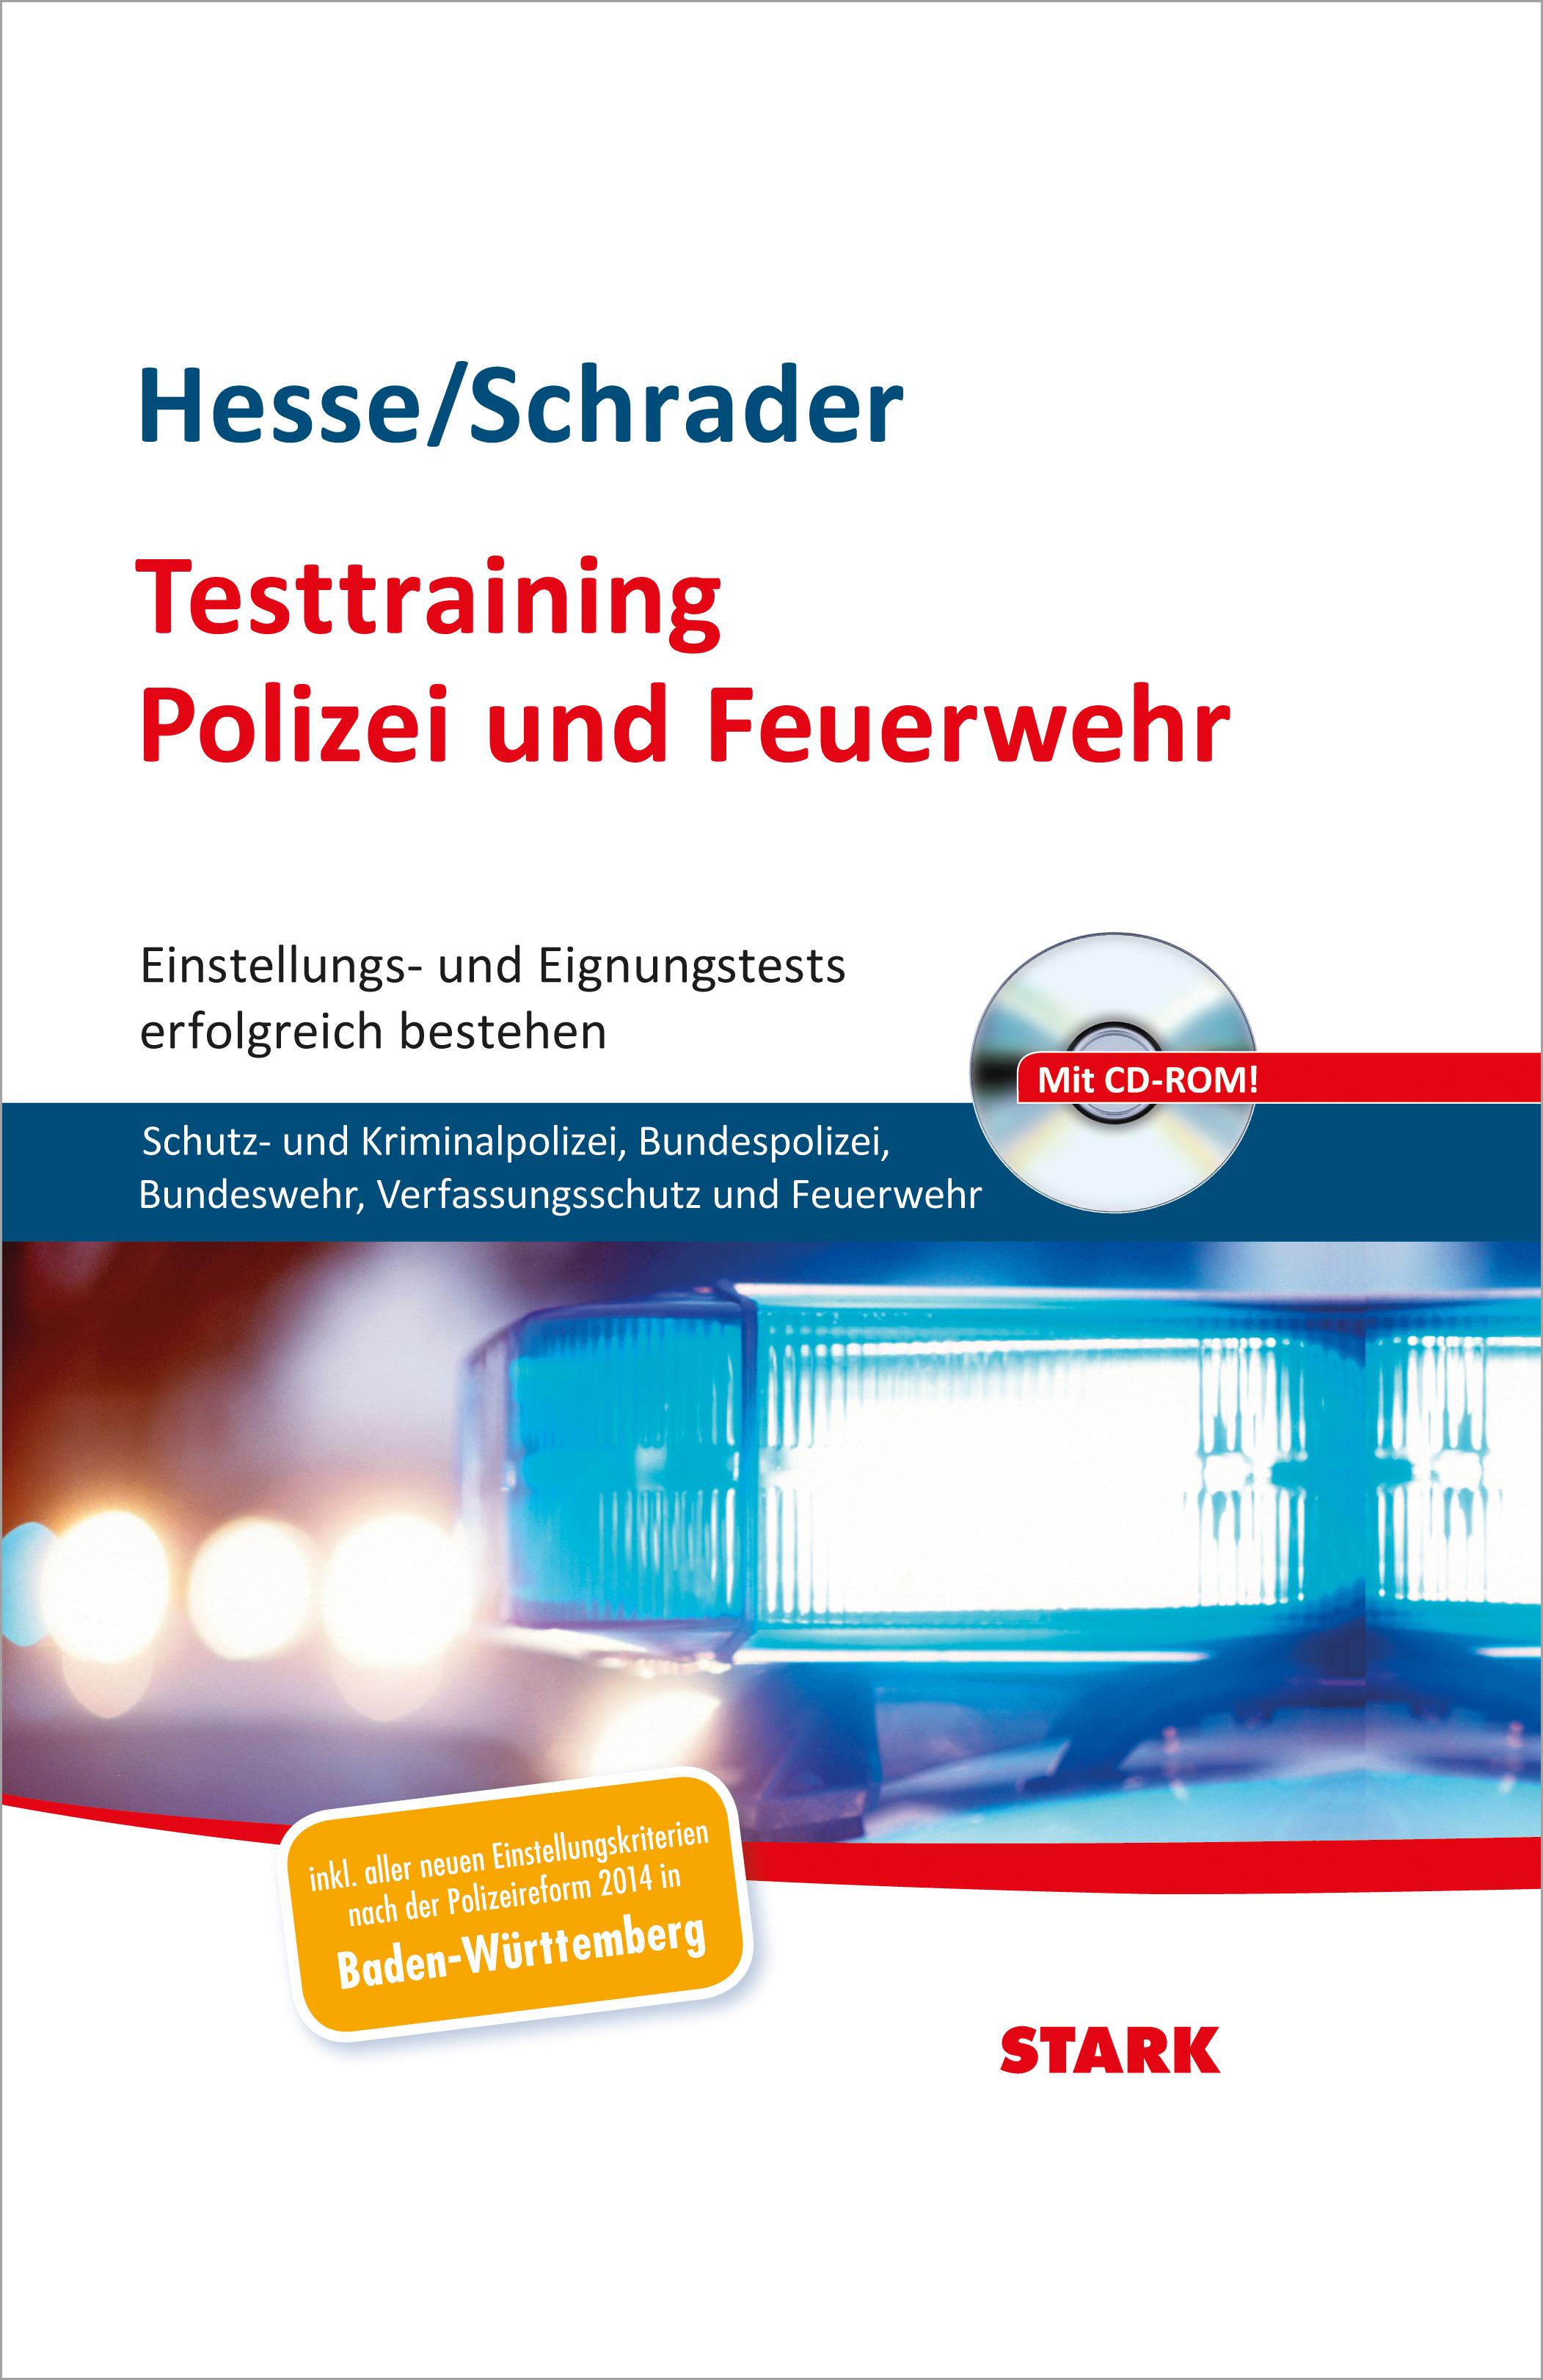 Testtraining Polizei und Feuerwehr: Einstellungs- und Eignungstests erfolgreich bestehen: Schutz- und Kriminalpolizei, .